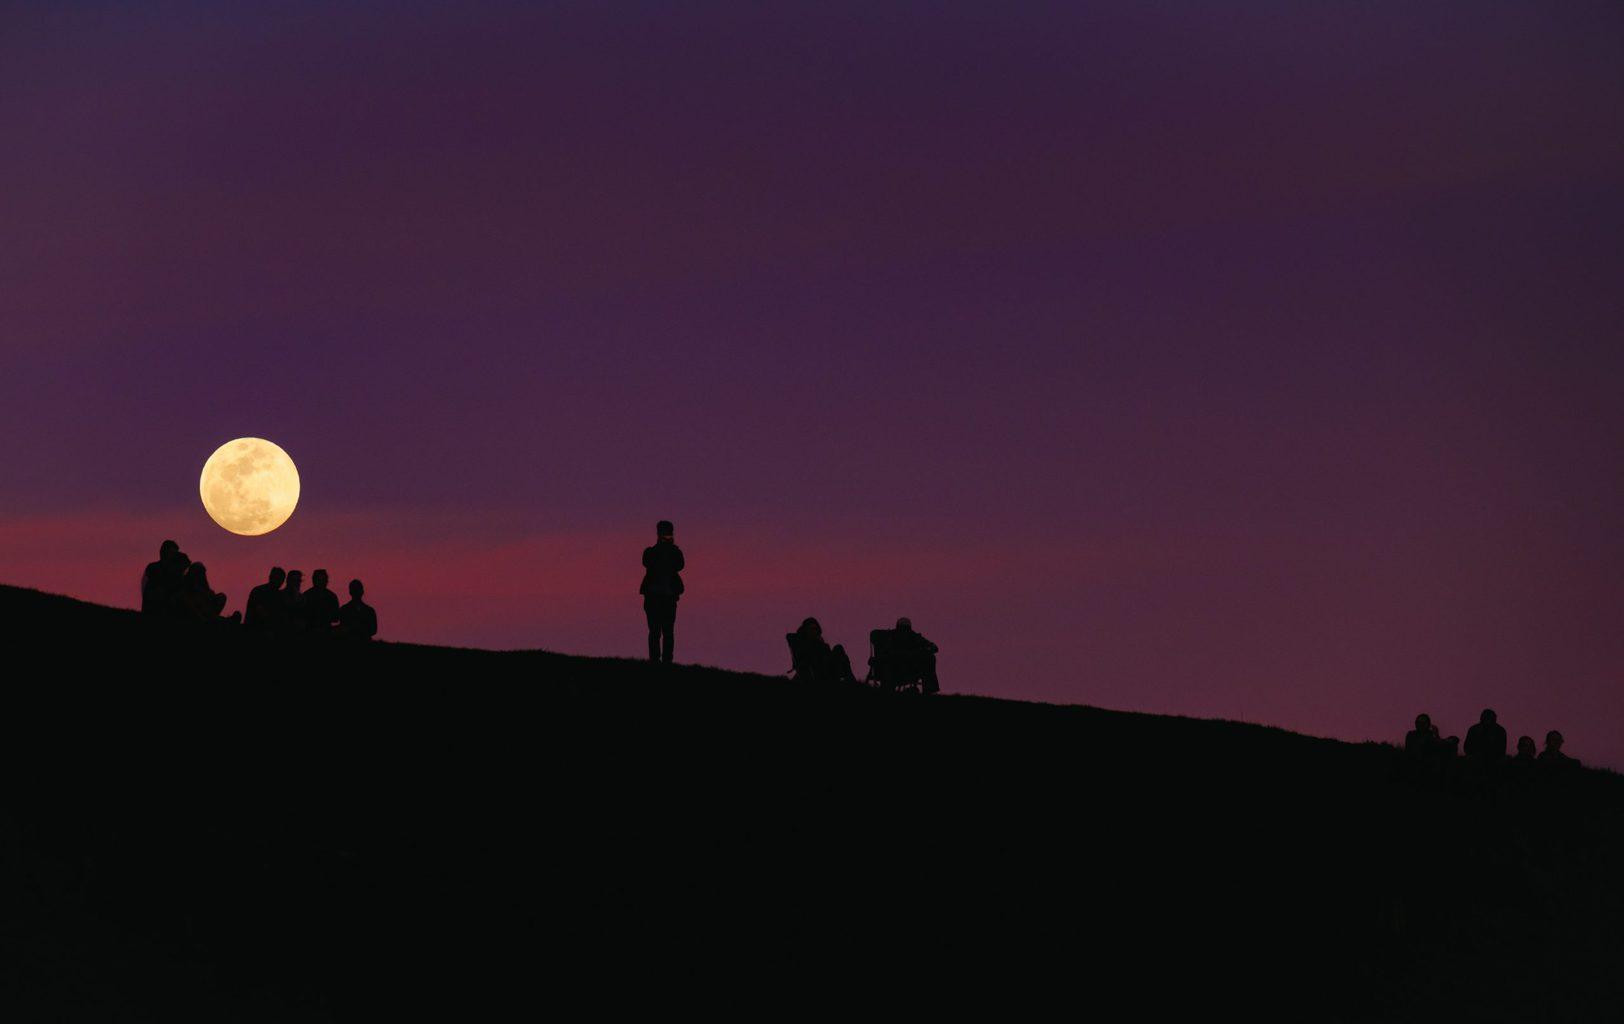 Gente observando y fotografiando la luna